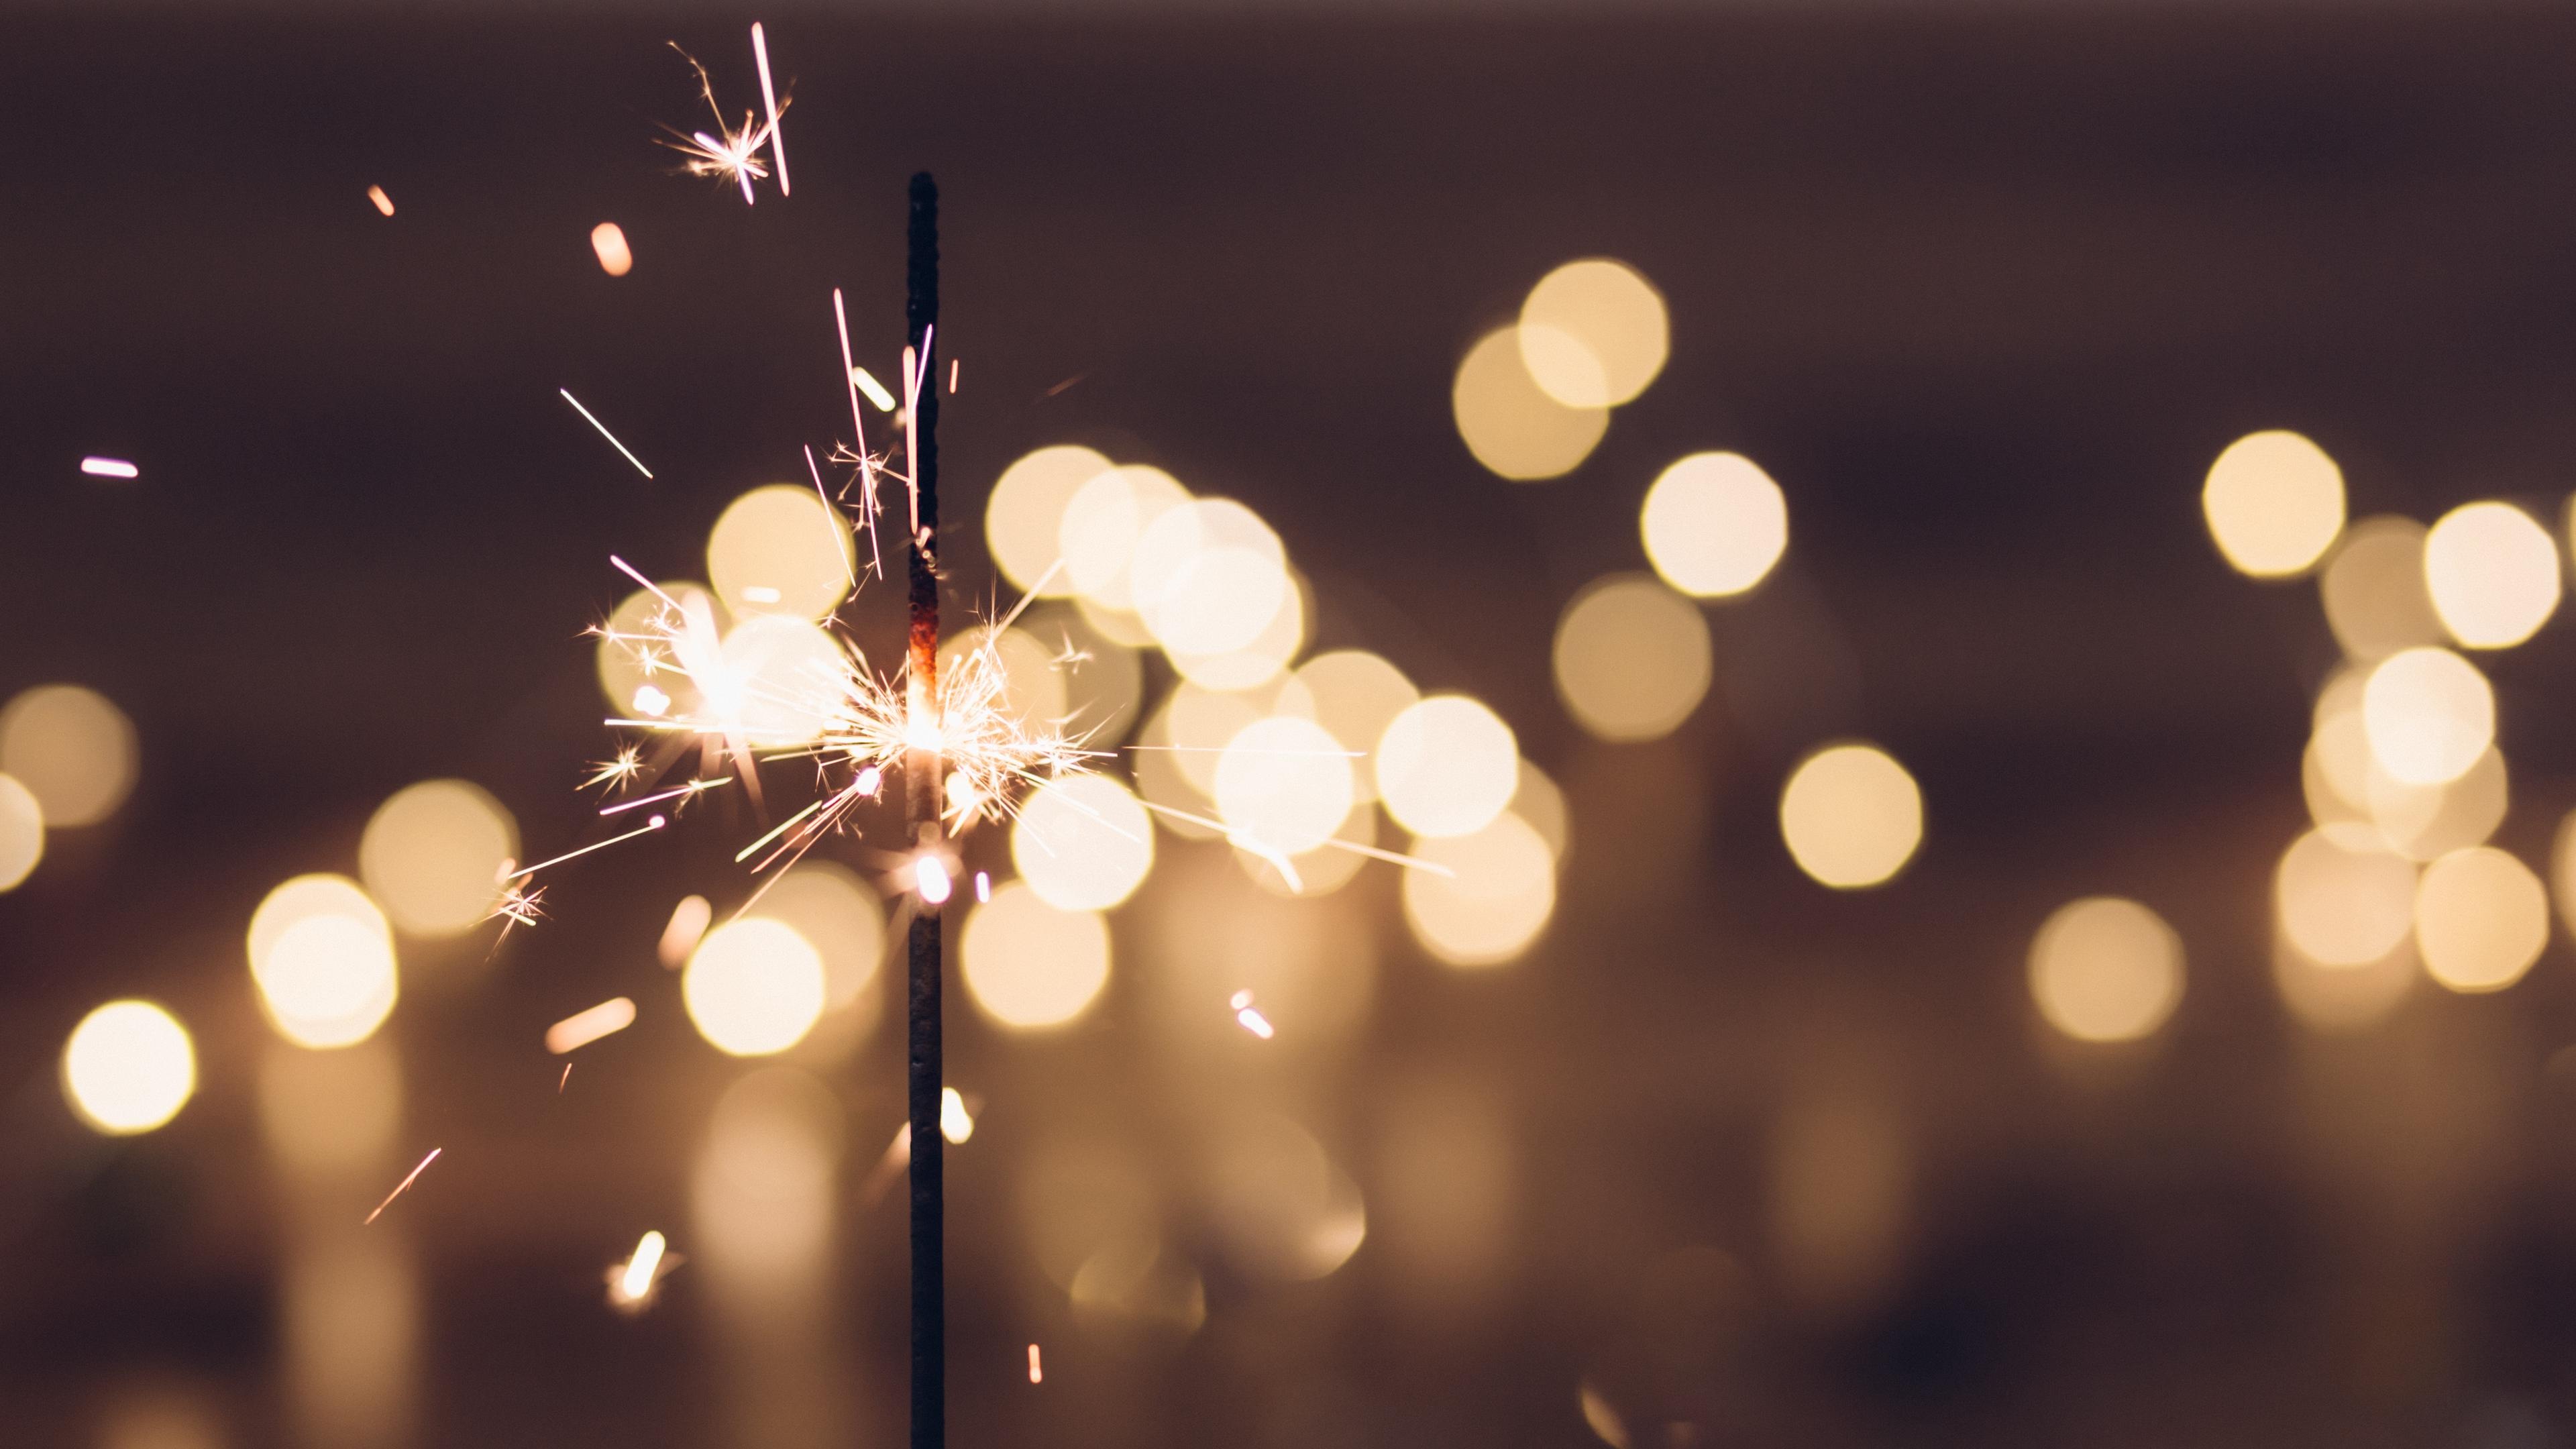 sparkler sparks glare 4k 1538344909 - sparkler, sparks, glare 4k - Sparks, sparkler, glare